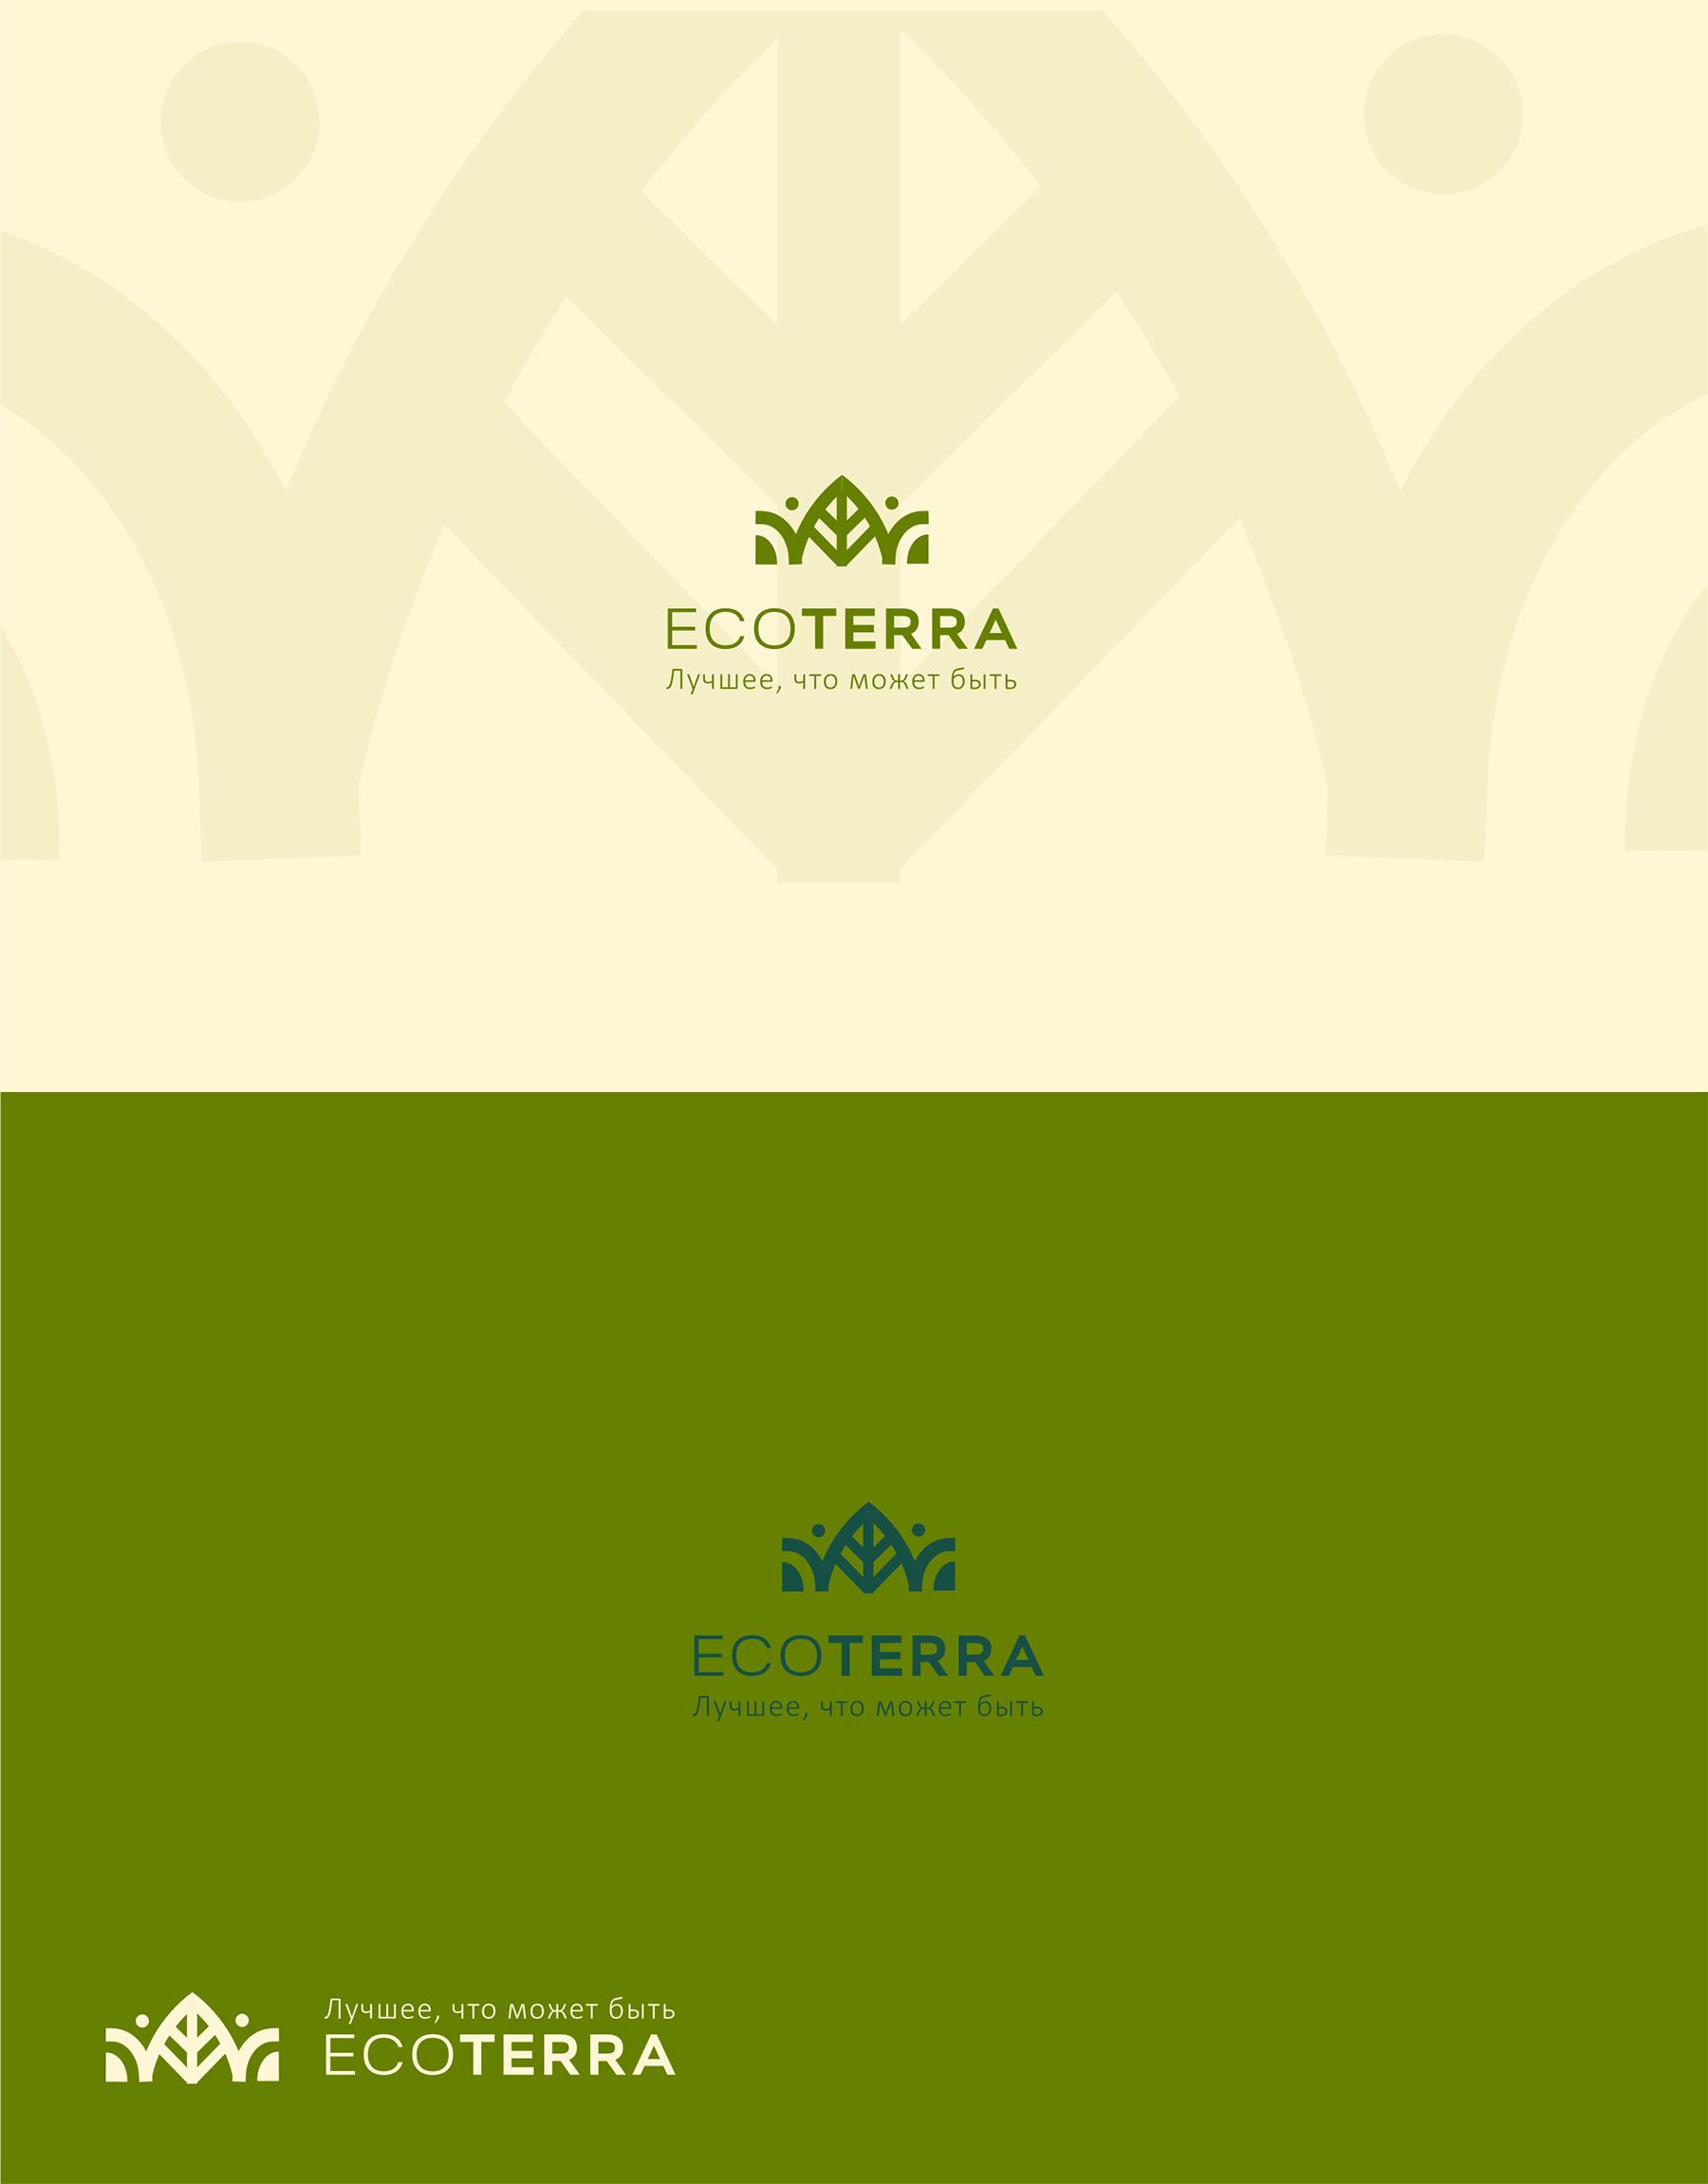 логотип фото f_111603df8a37a6fe.jpg